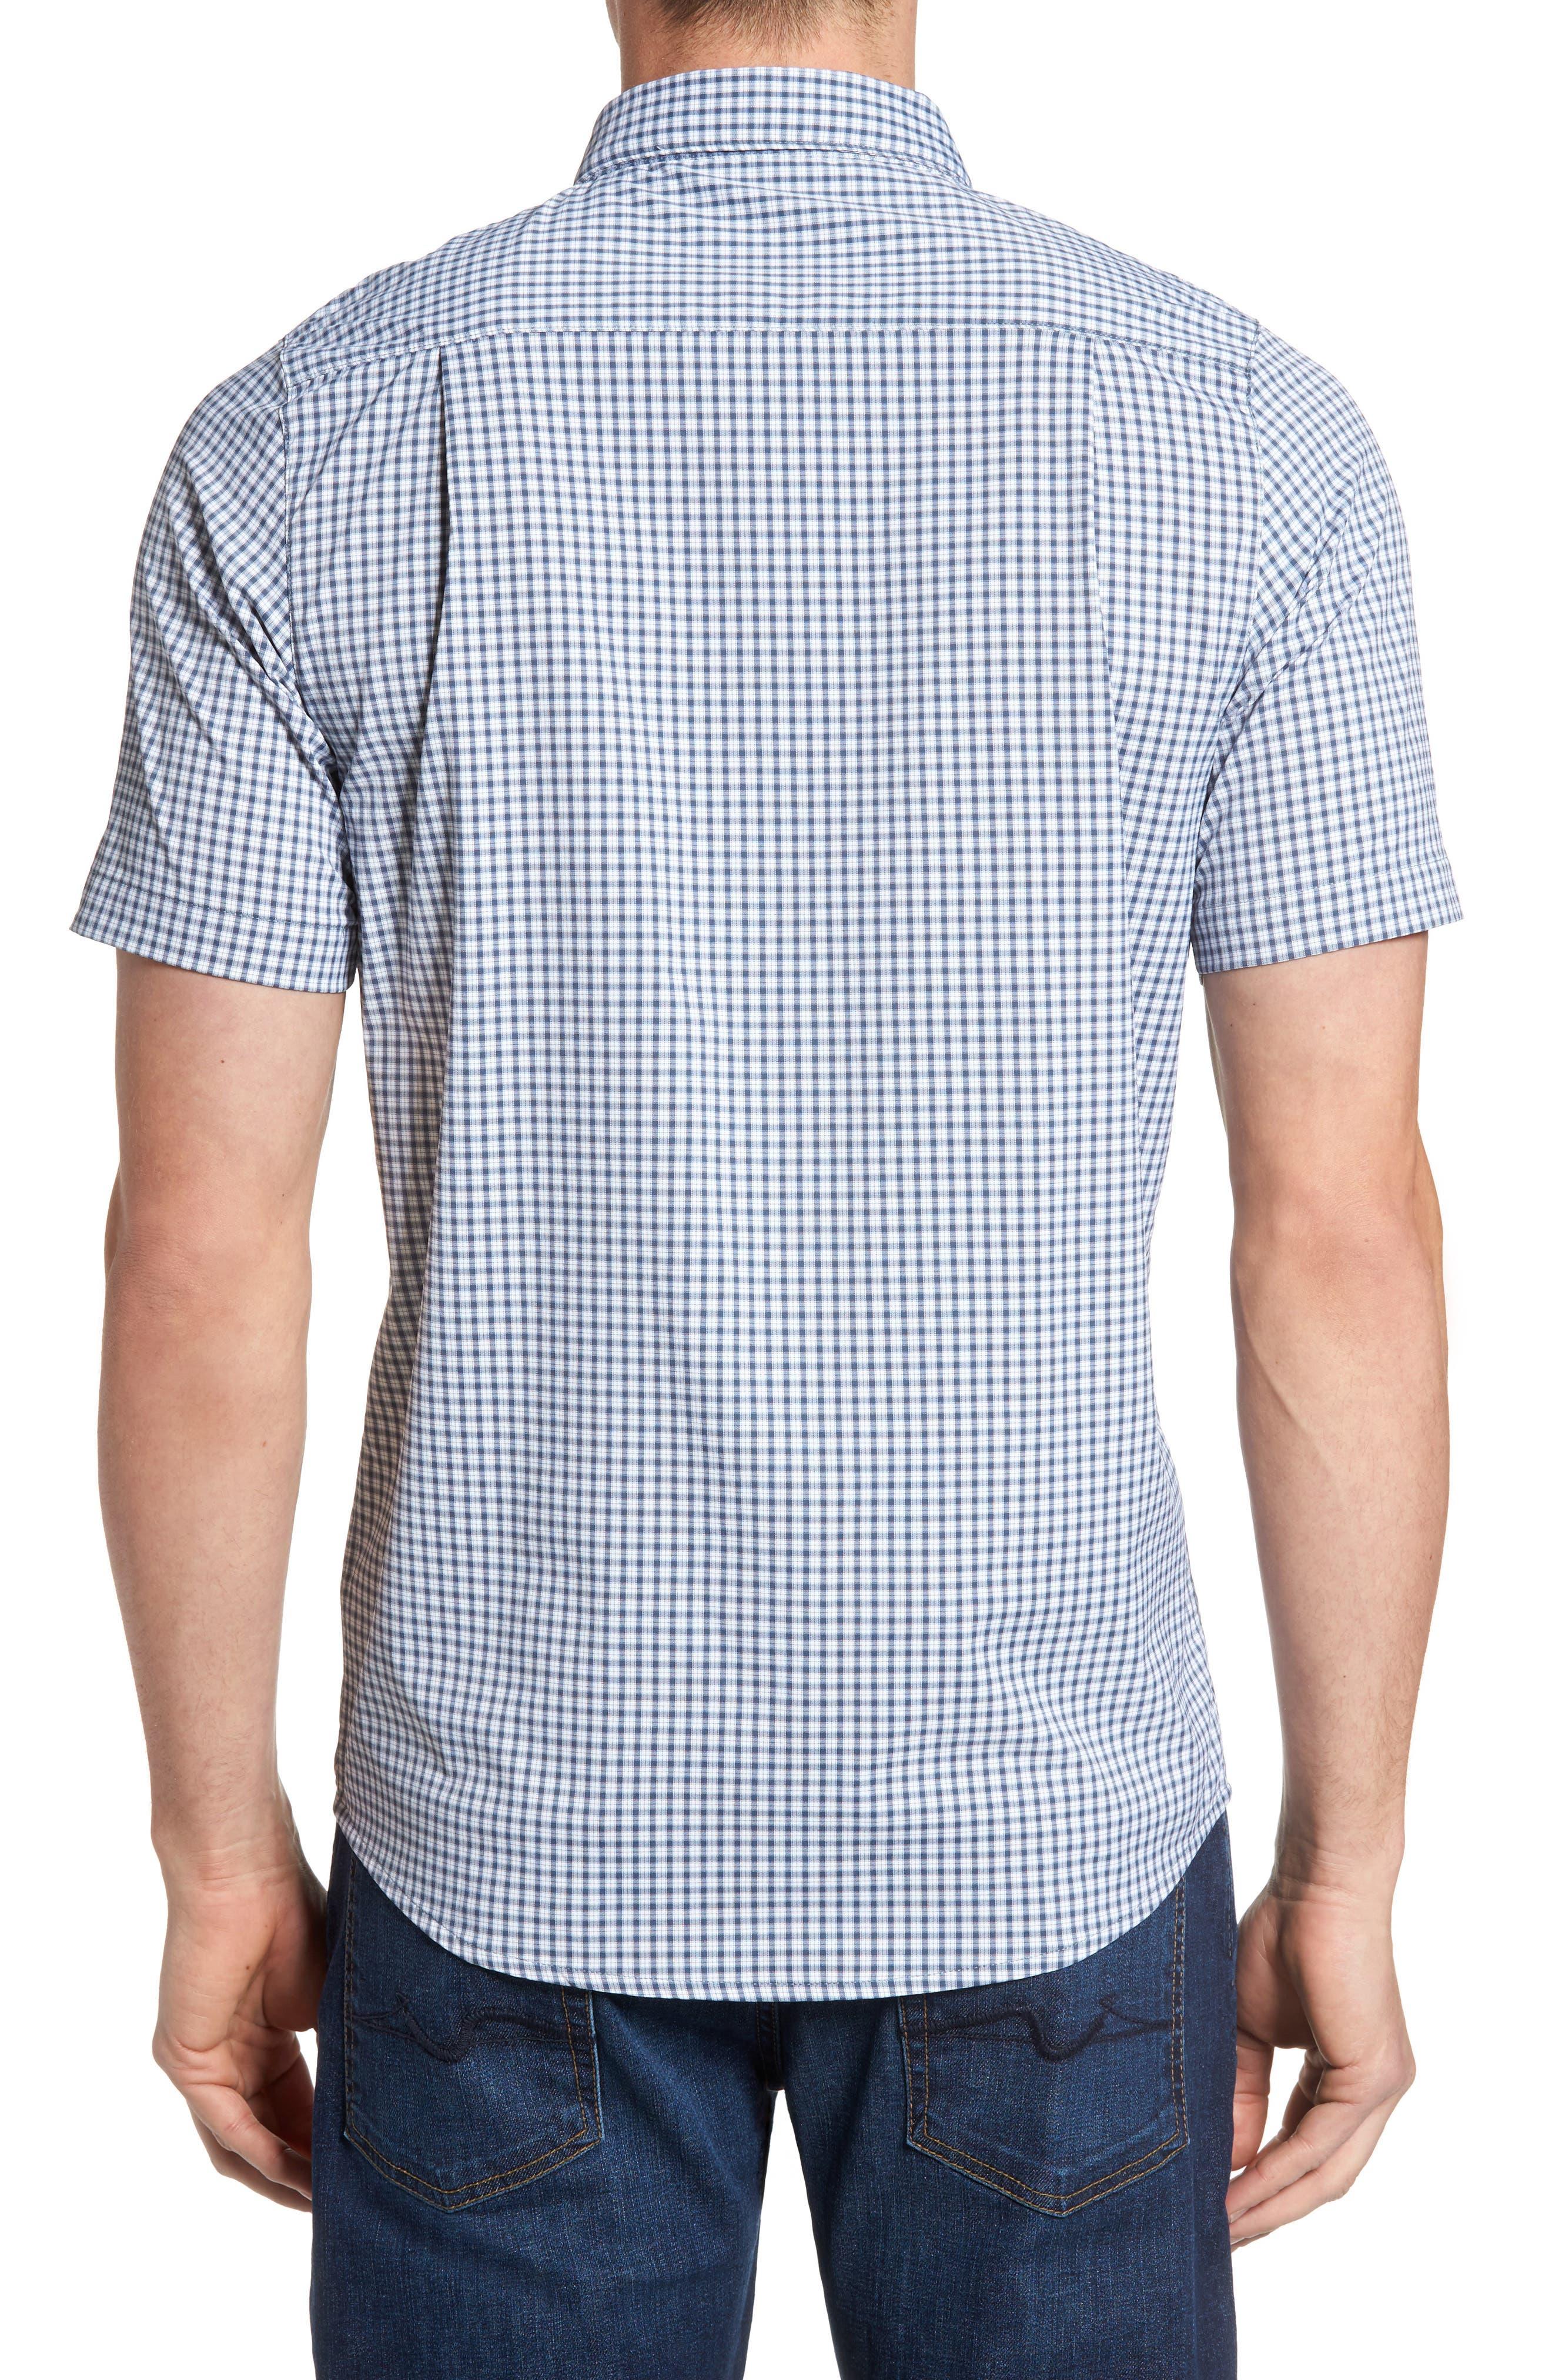 Barker Trim Fit Plaid Sport Shirt,                             Alternate thumbnail 2, color,                             400